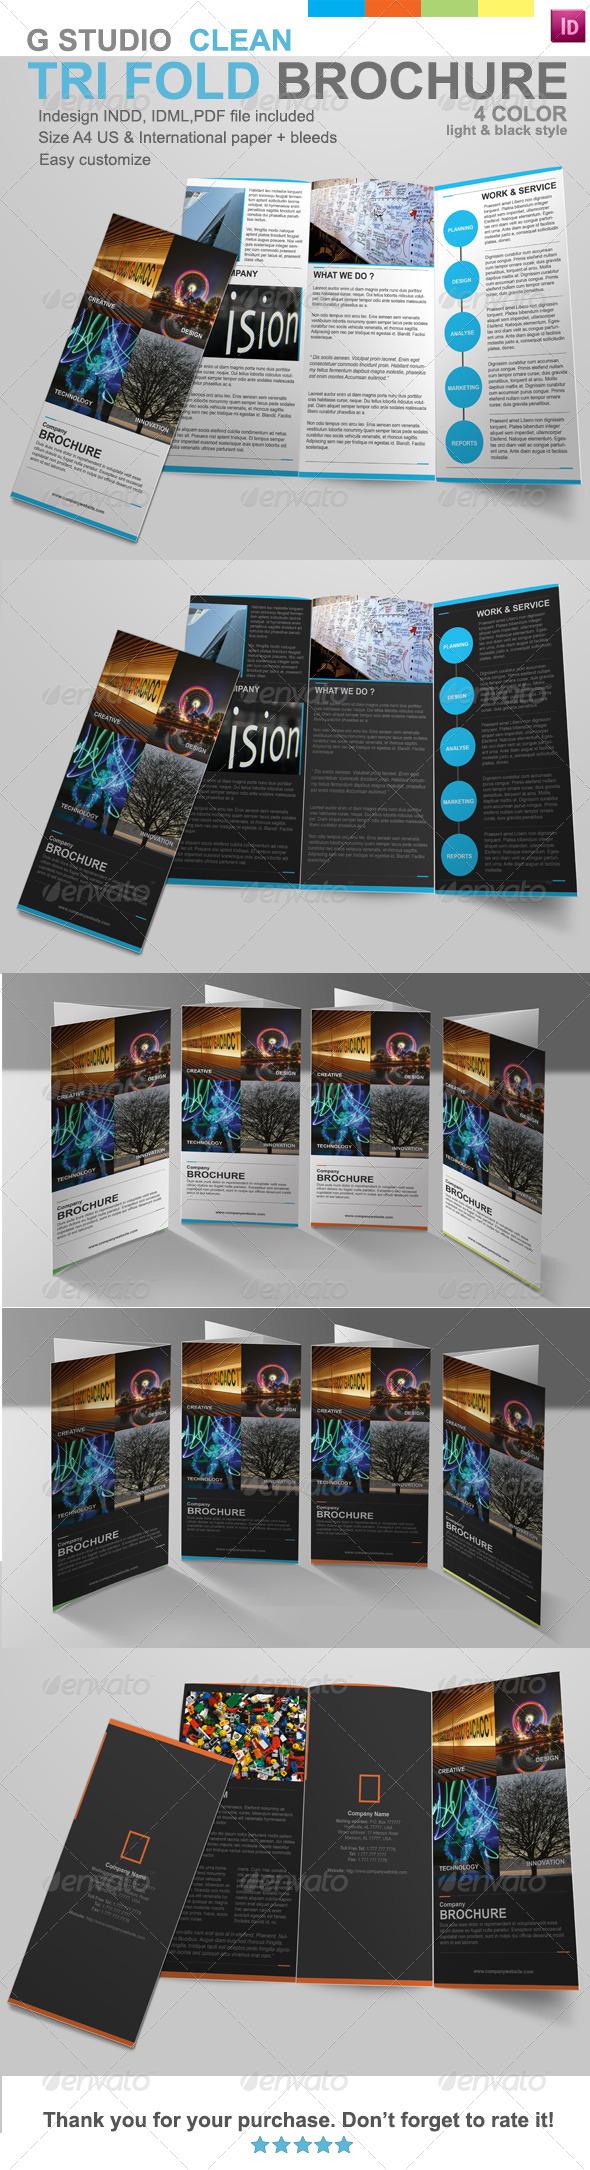 GraphicRiver G Studio Clean Tri-Fold Brochure Template 4144616